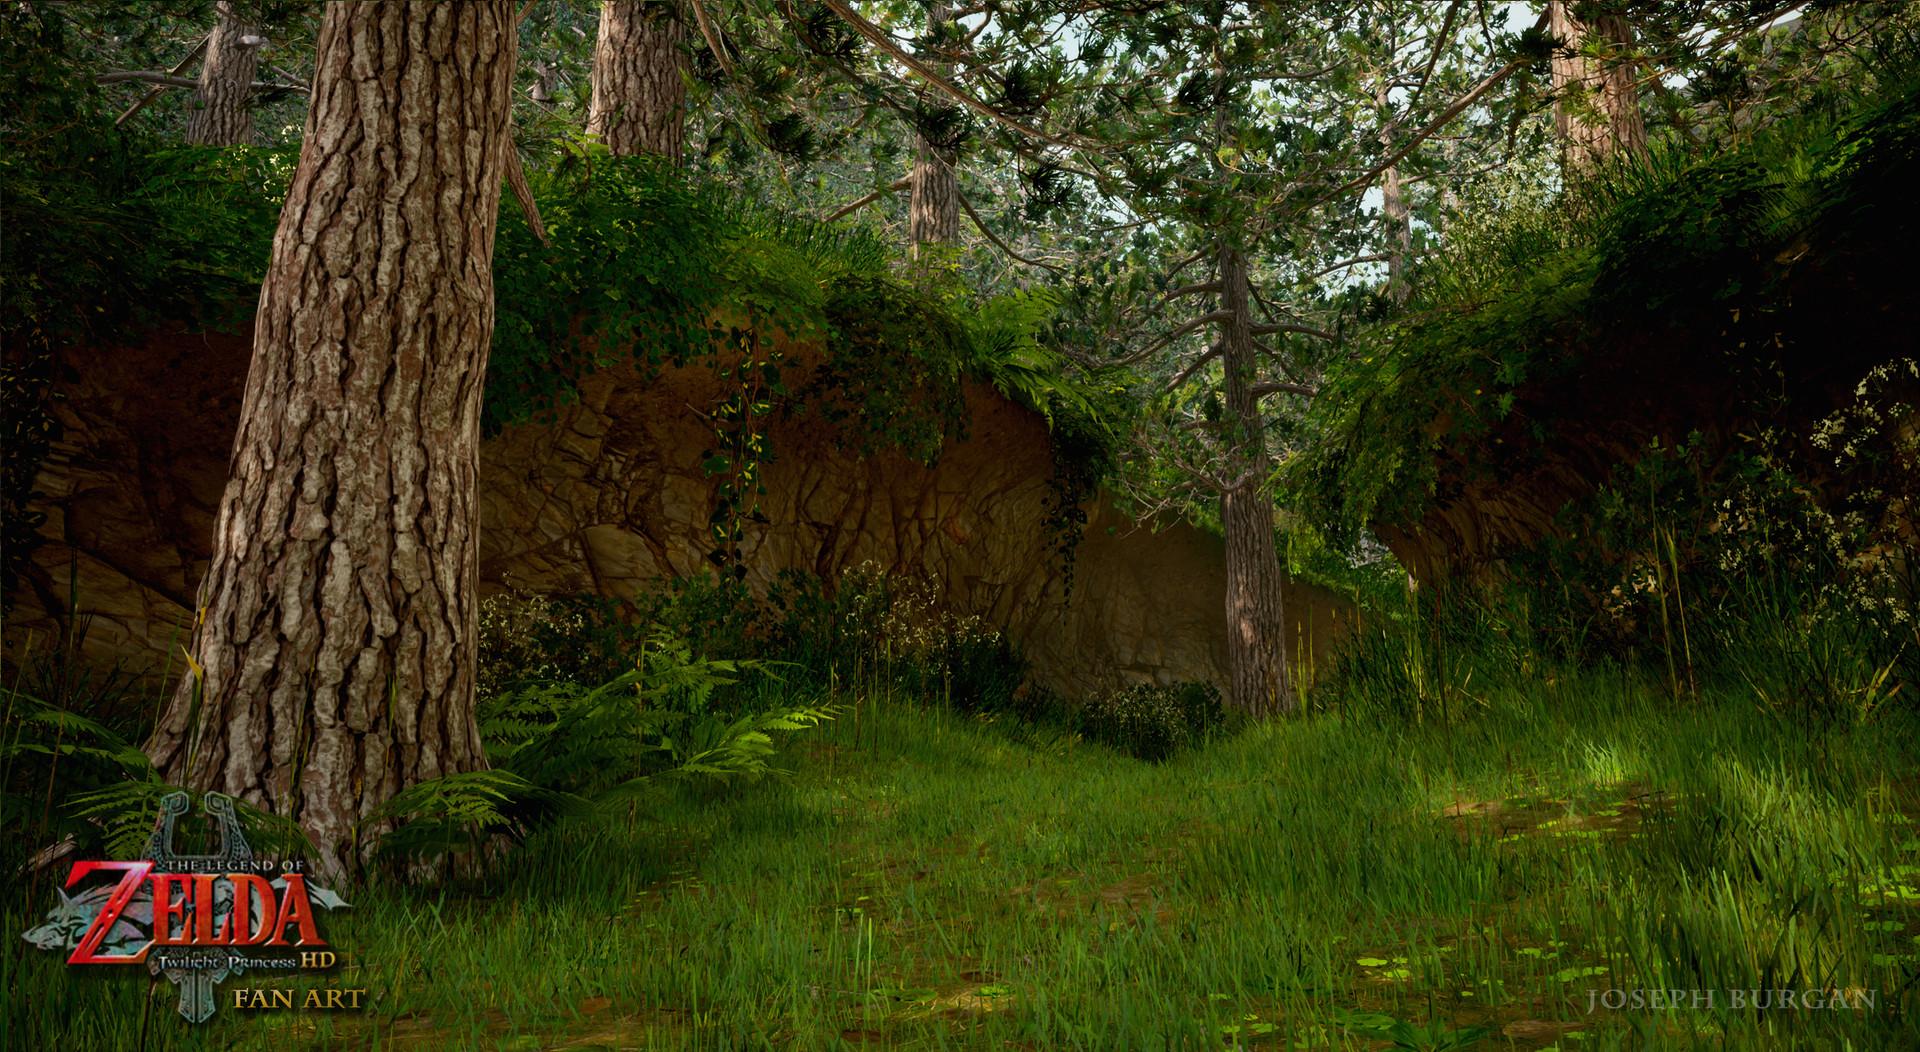 joseph burgan environment 3